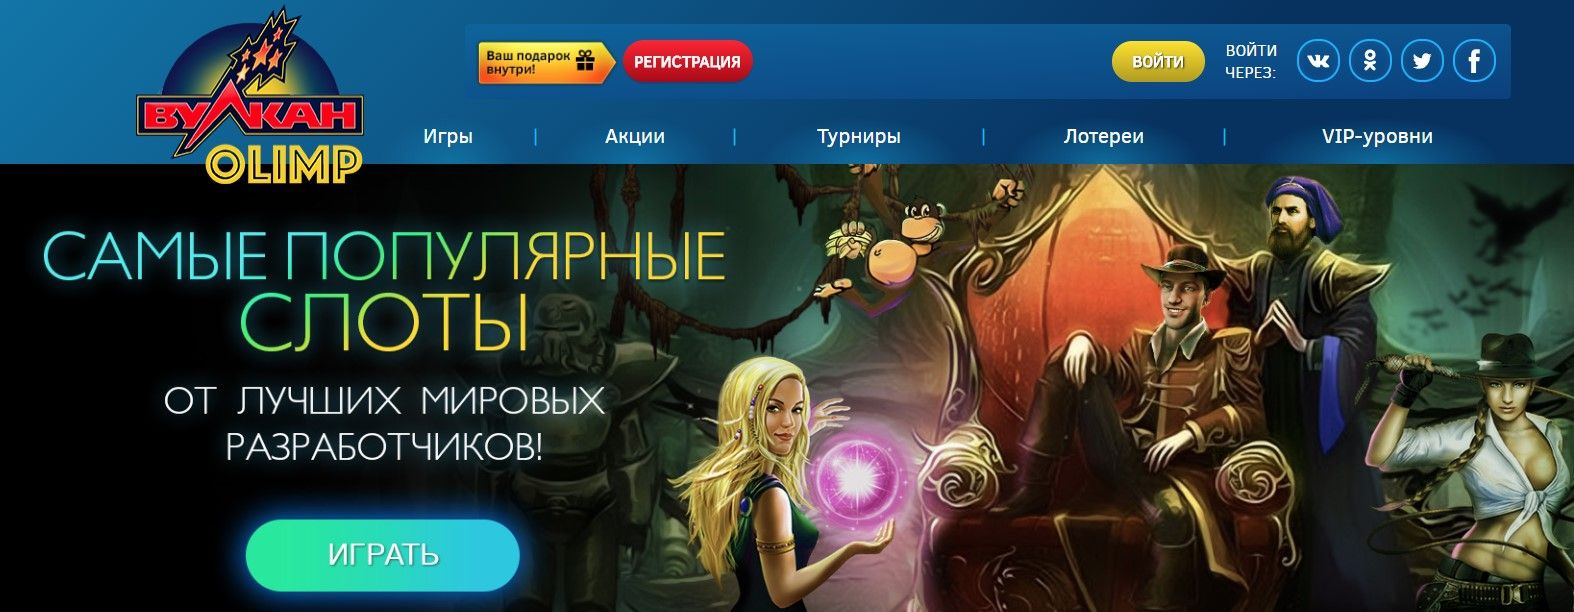 казино вулкан олимп официальный сайт